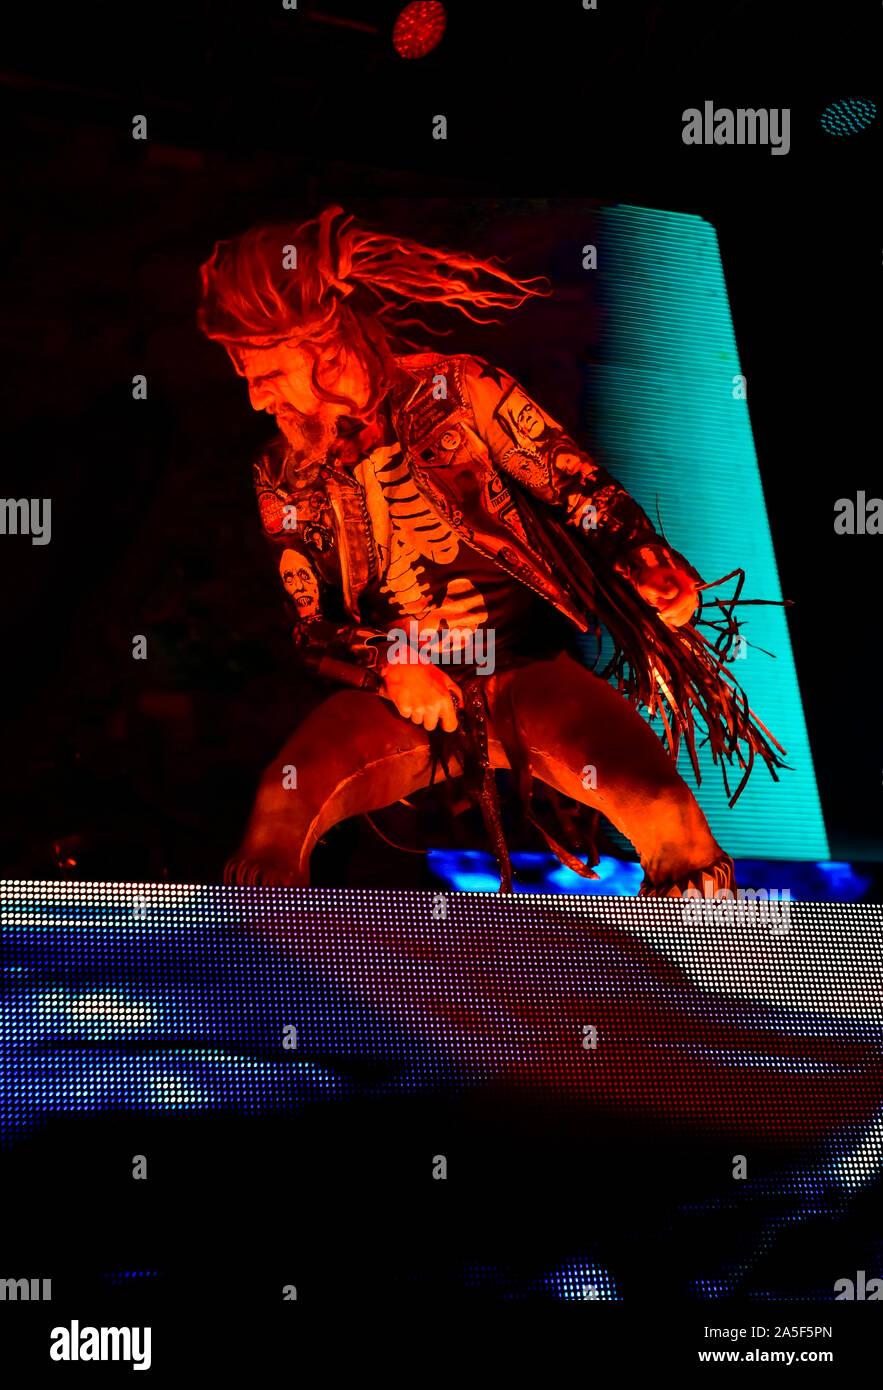 Las Vegas, Nevada, USA. Ottobre 19, 2019. Rob Zombie eseguendo in concerto al terzo anno Las Rageous musica heavy metal festival tenutosi presso il Downtown Las Vegas Eventi Centro. Photo credit: Ken Howard immagini Credito: Ken Howard/Alamy Live News Foto Stock